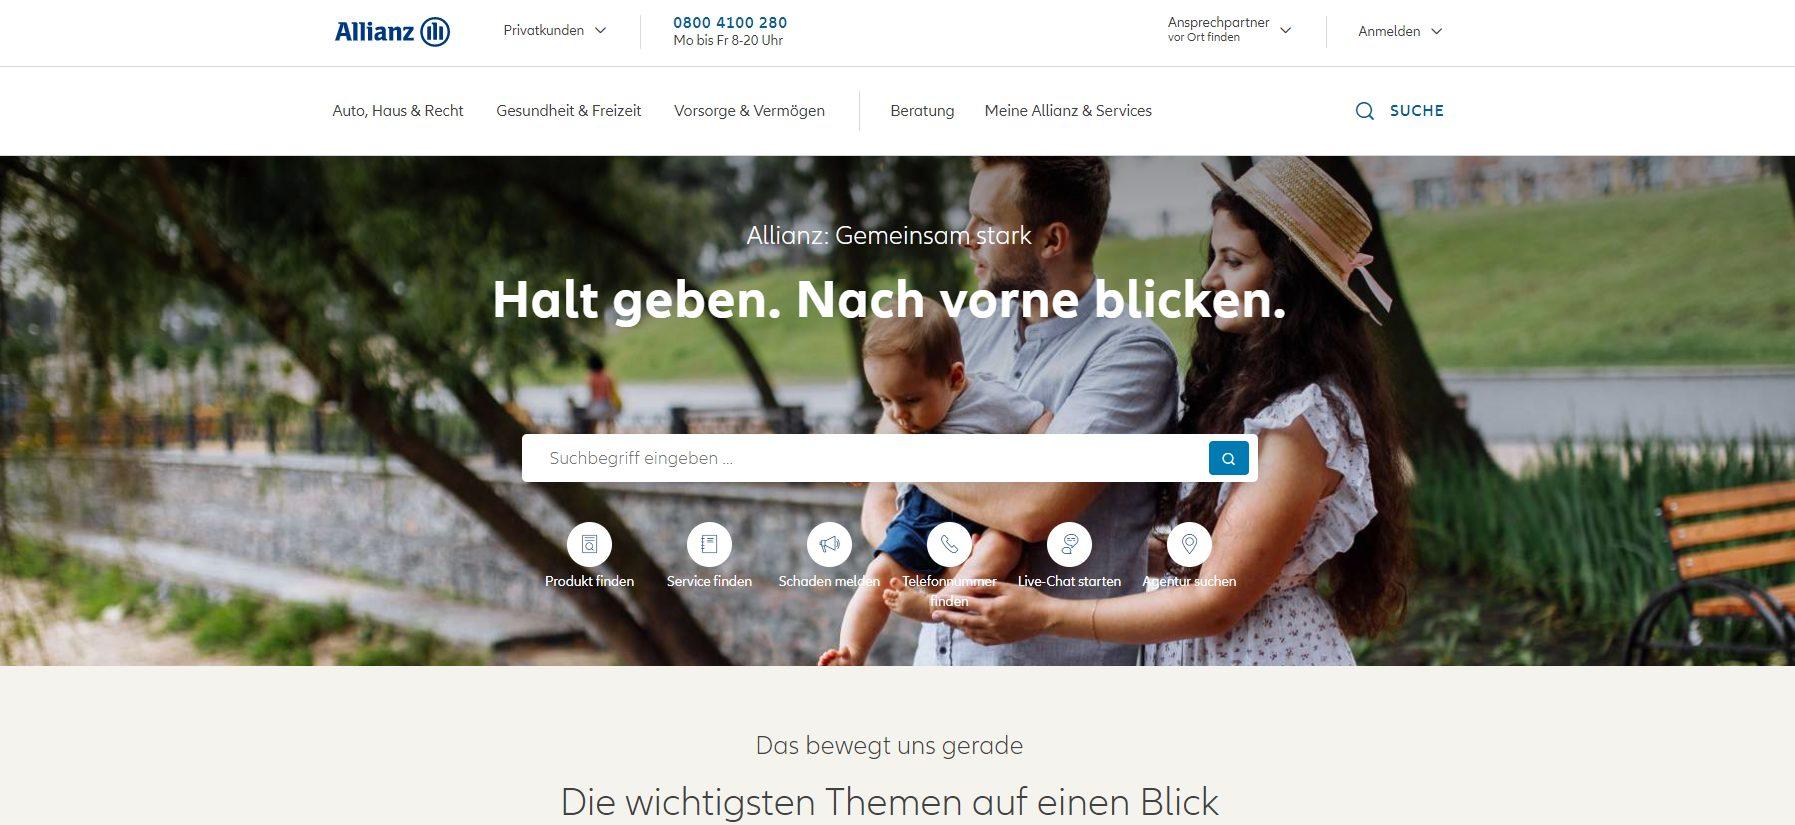 Offizielle Webseite der Allianz